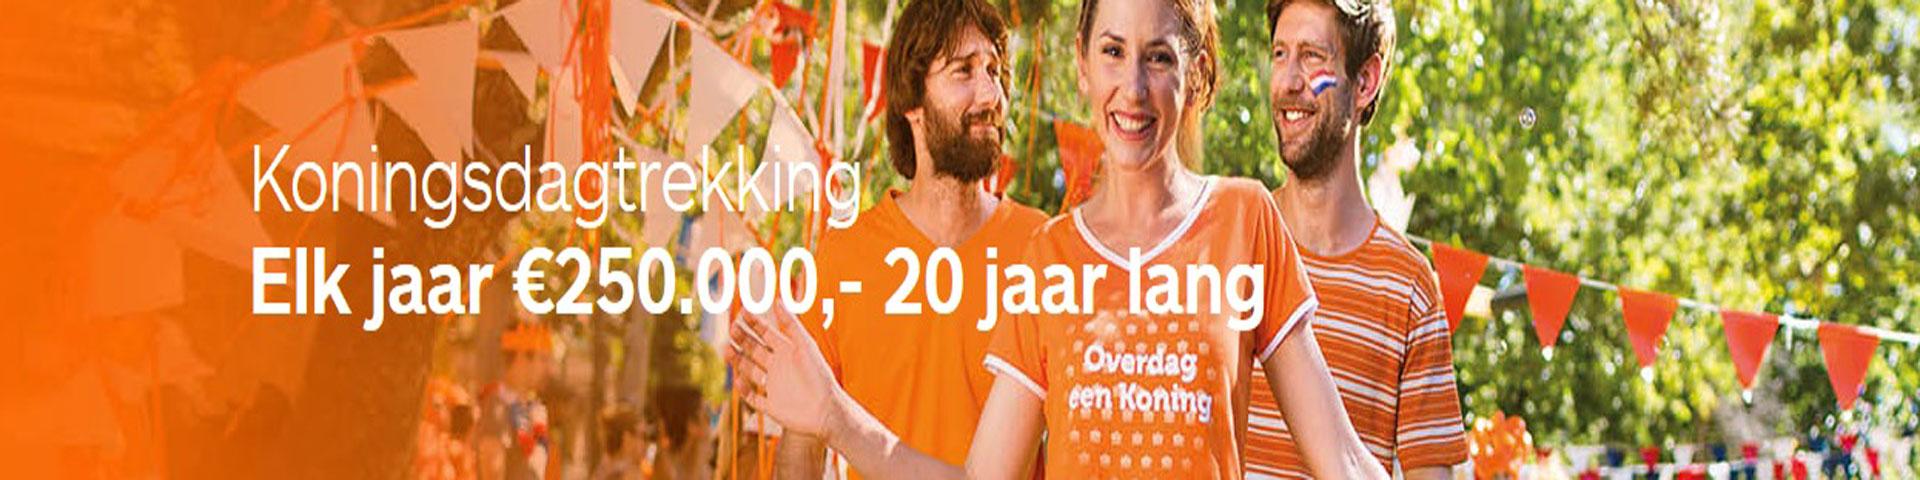 Koningsdag Loterij Gelukszaak Bekker